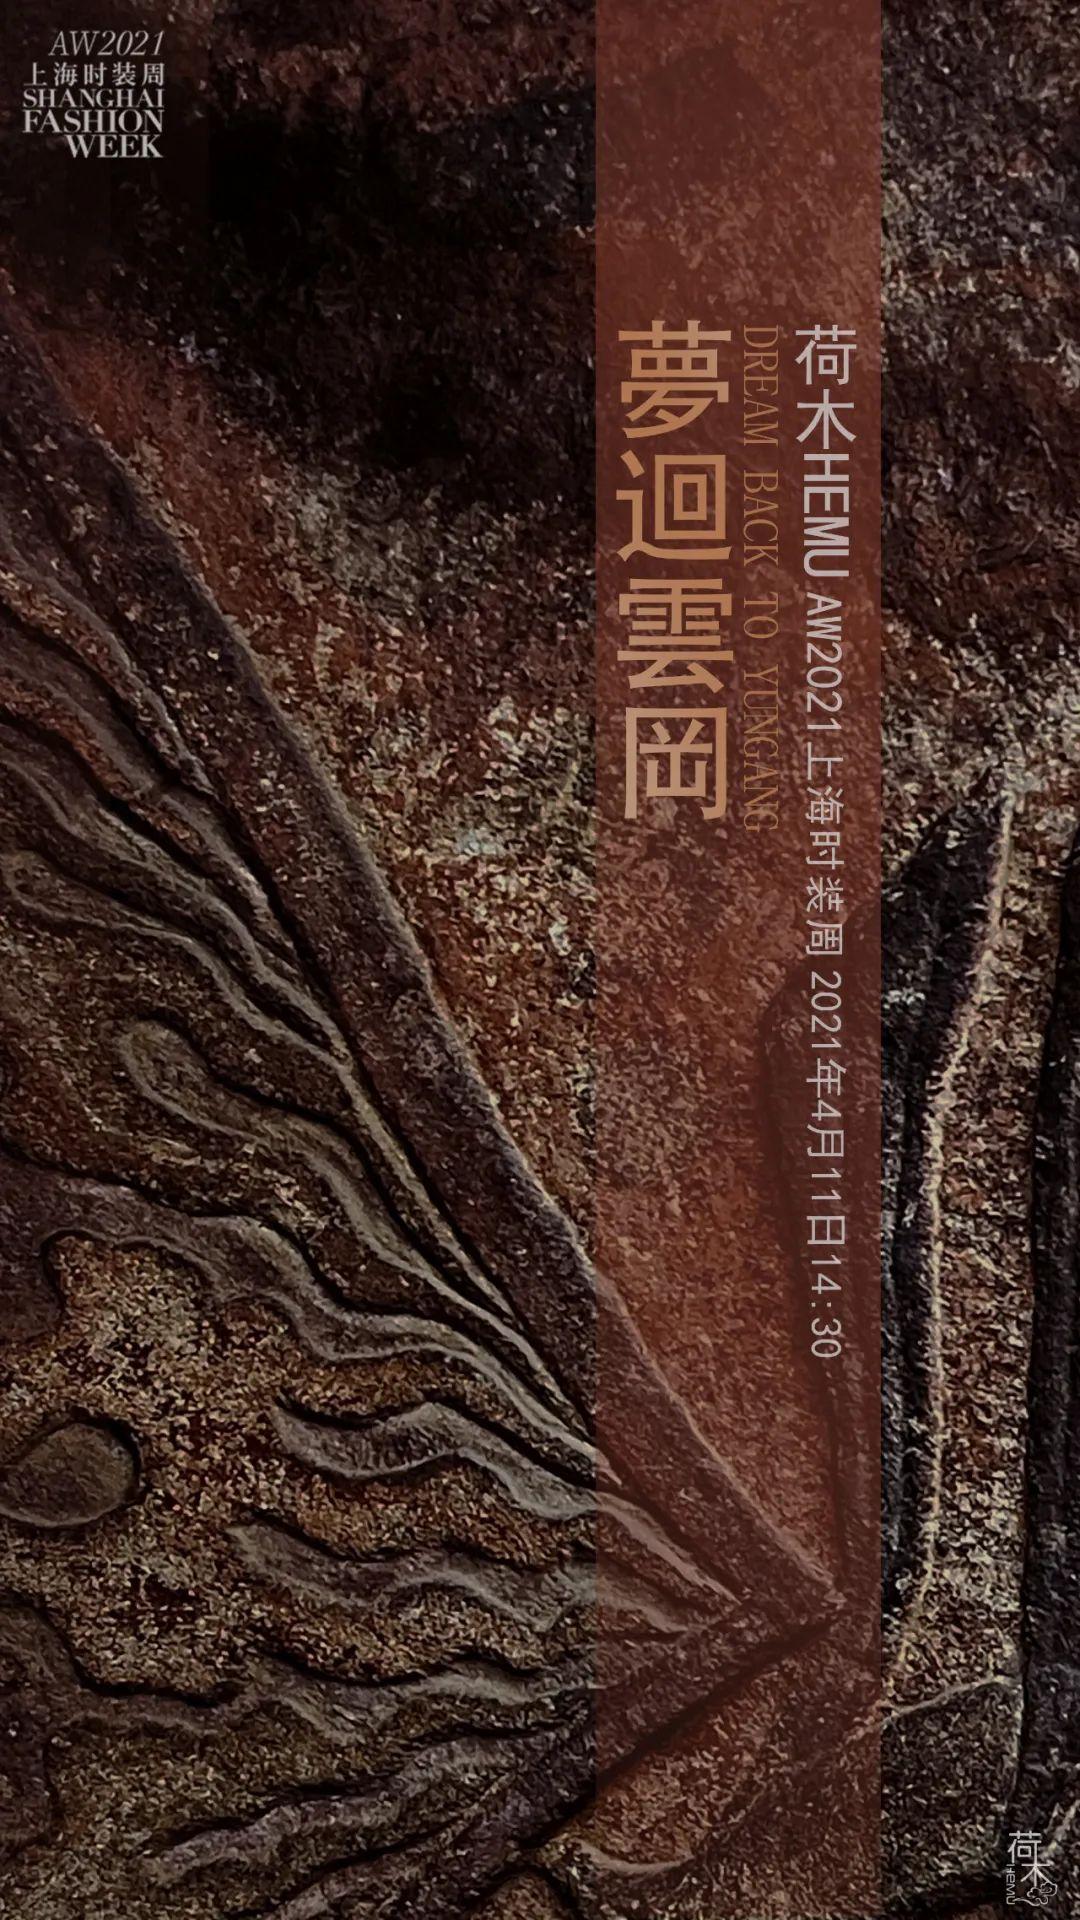 AW21上海时装周 PREVIEW | 荷木HEMU图2